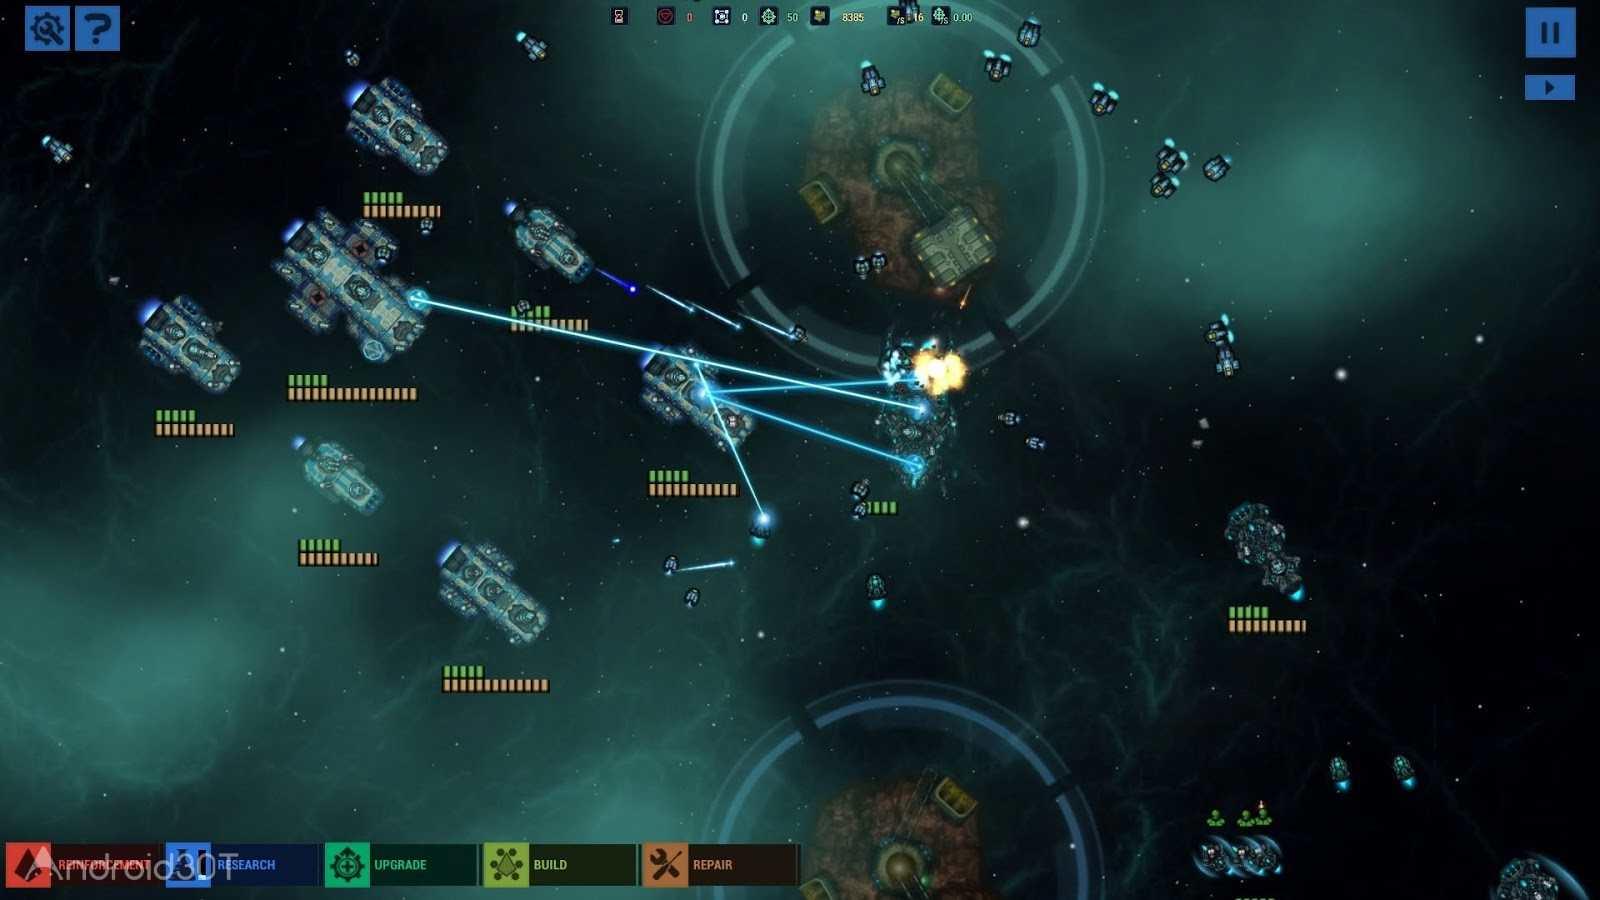 دانلود Battlevoid: Sector Siege 1.43 – بازی فضایی نبرد در کهکشان اندروید